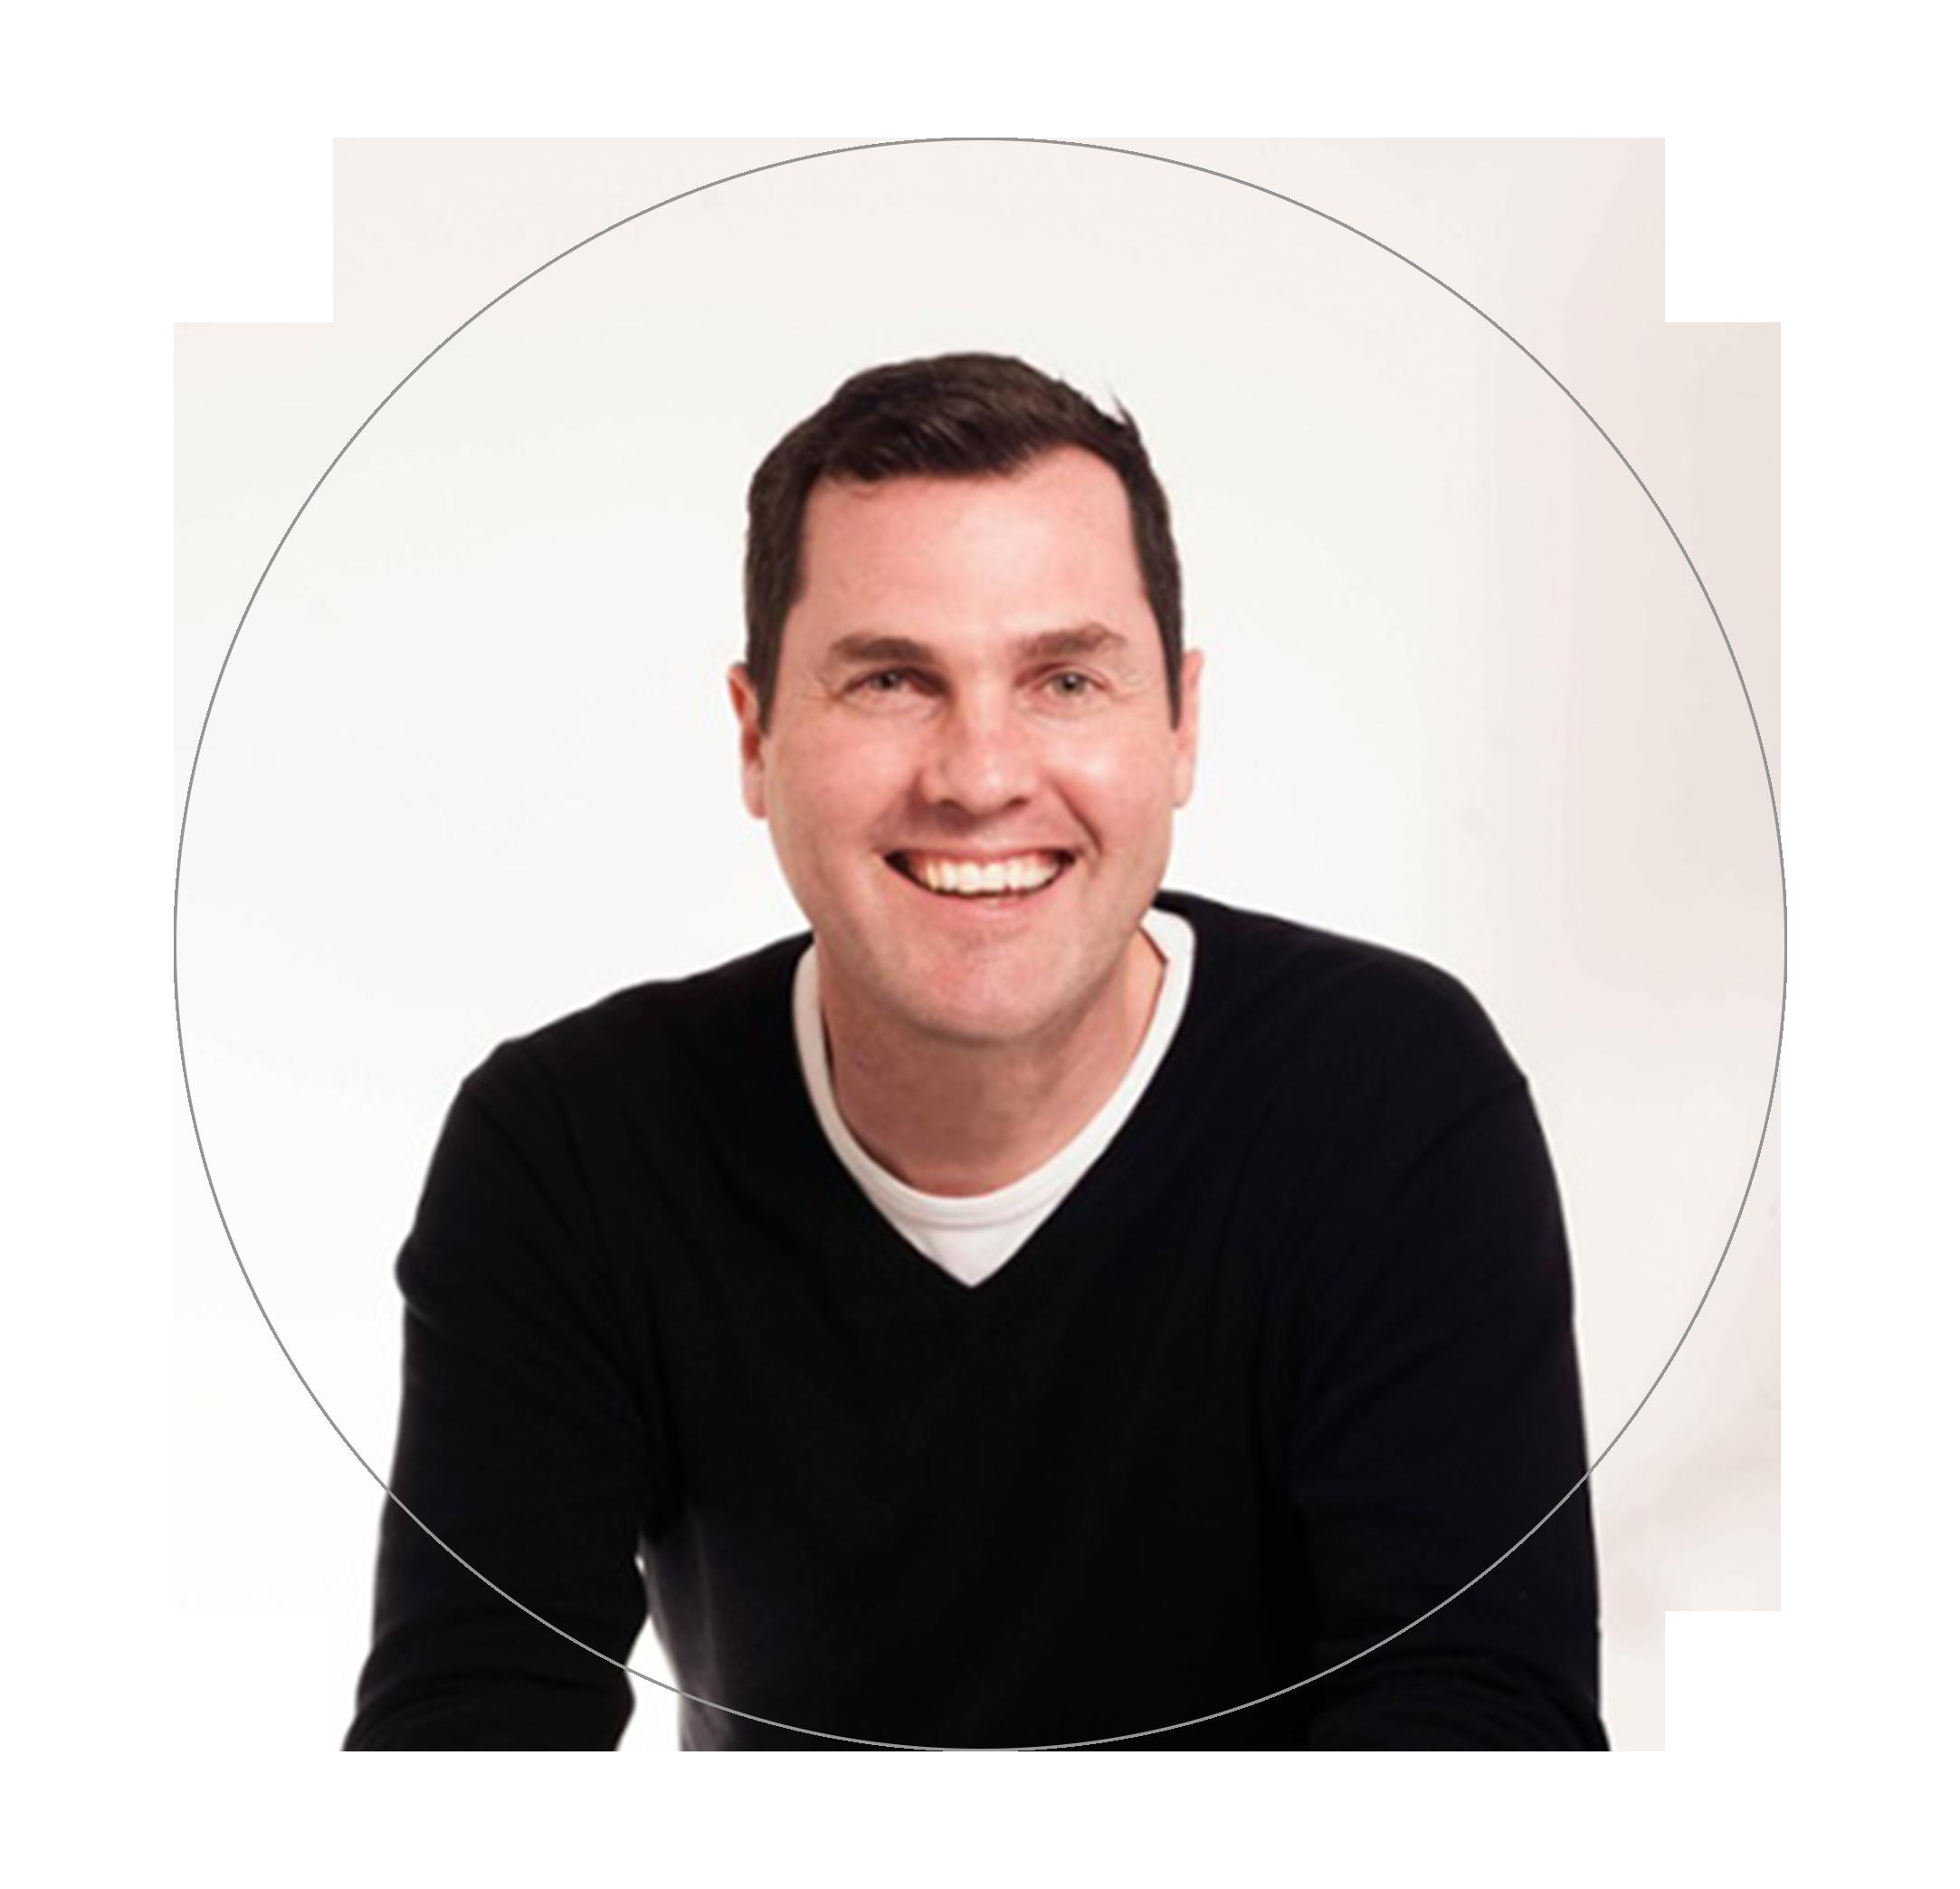 FlowForma - Neil Young, Business Process Management Expert